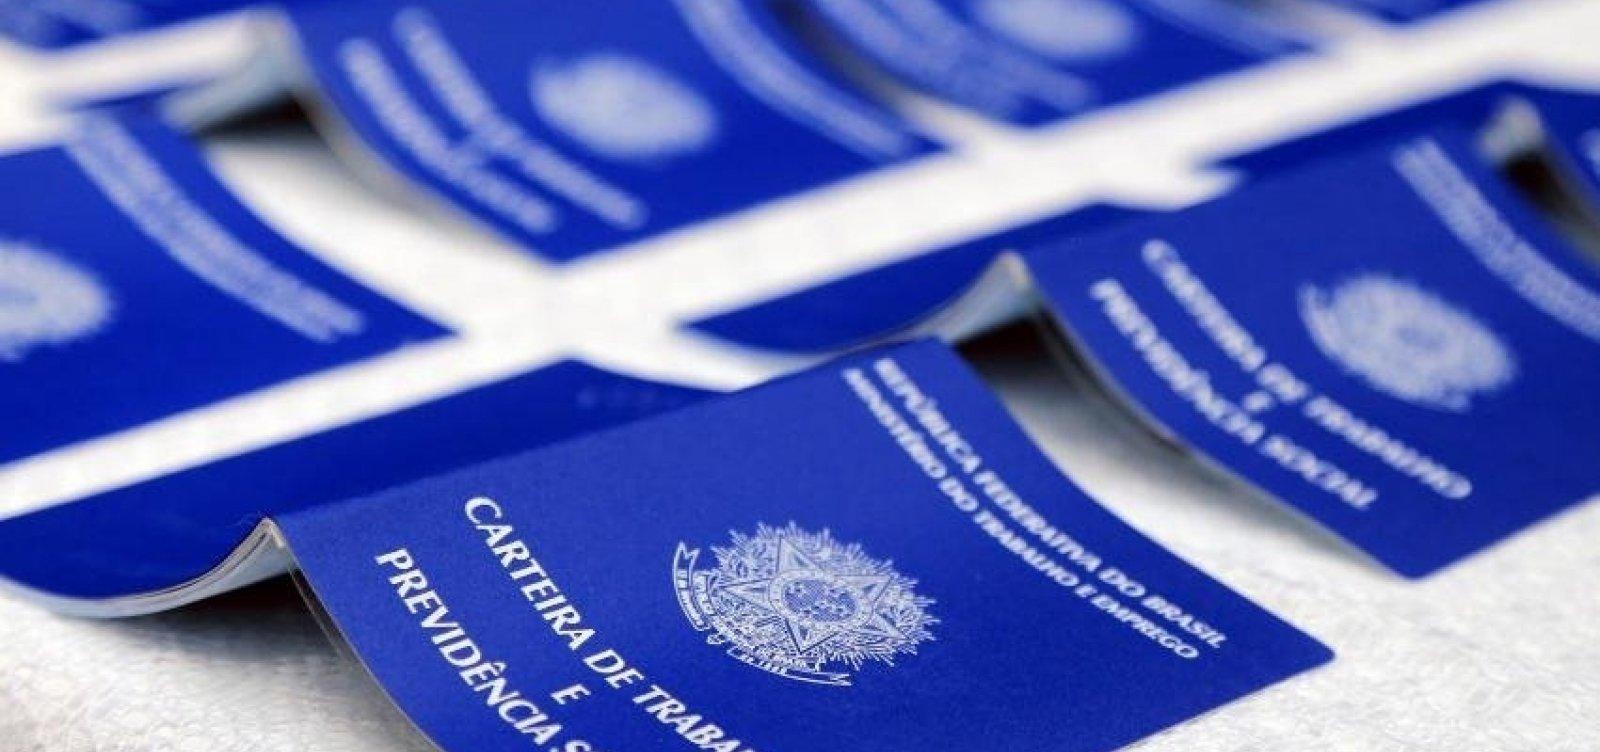 Confira as vagas de emprego oferecidas nesta sexta-feira em Salvador